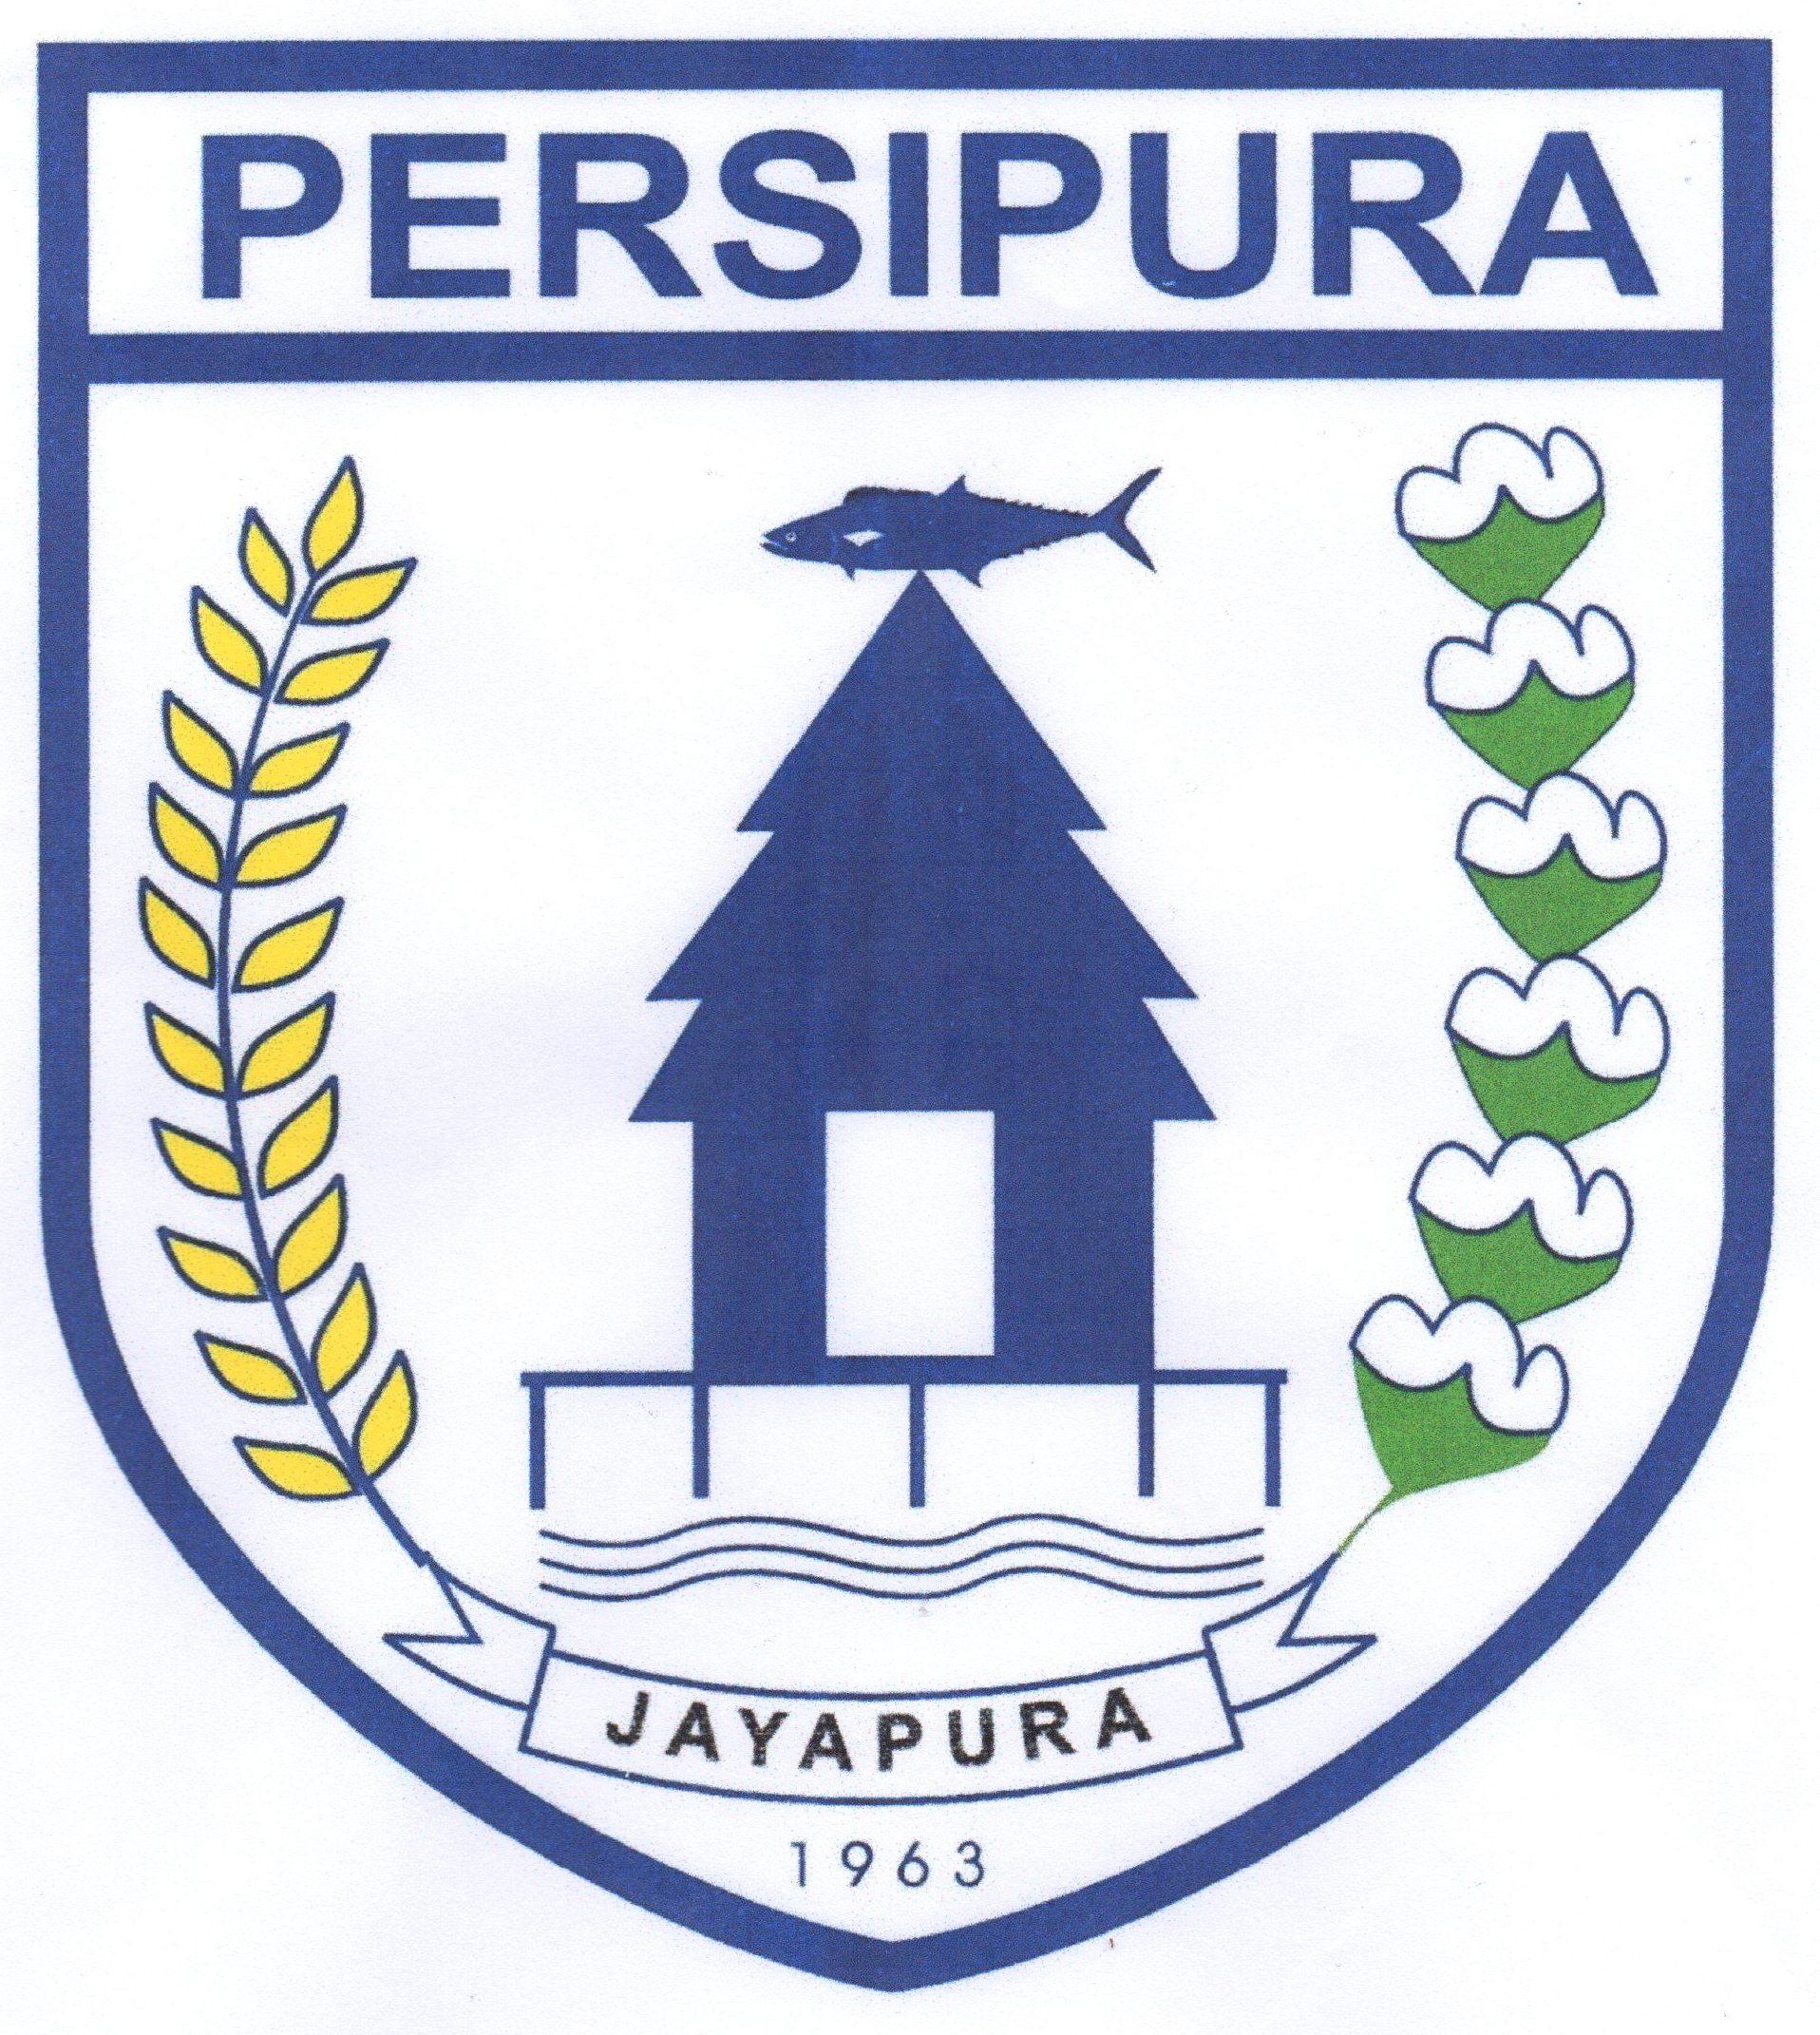 PERSIPURA JAYAPURA U16